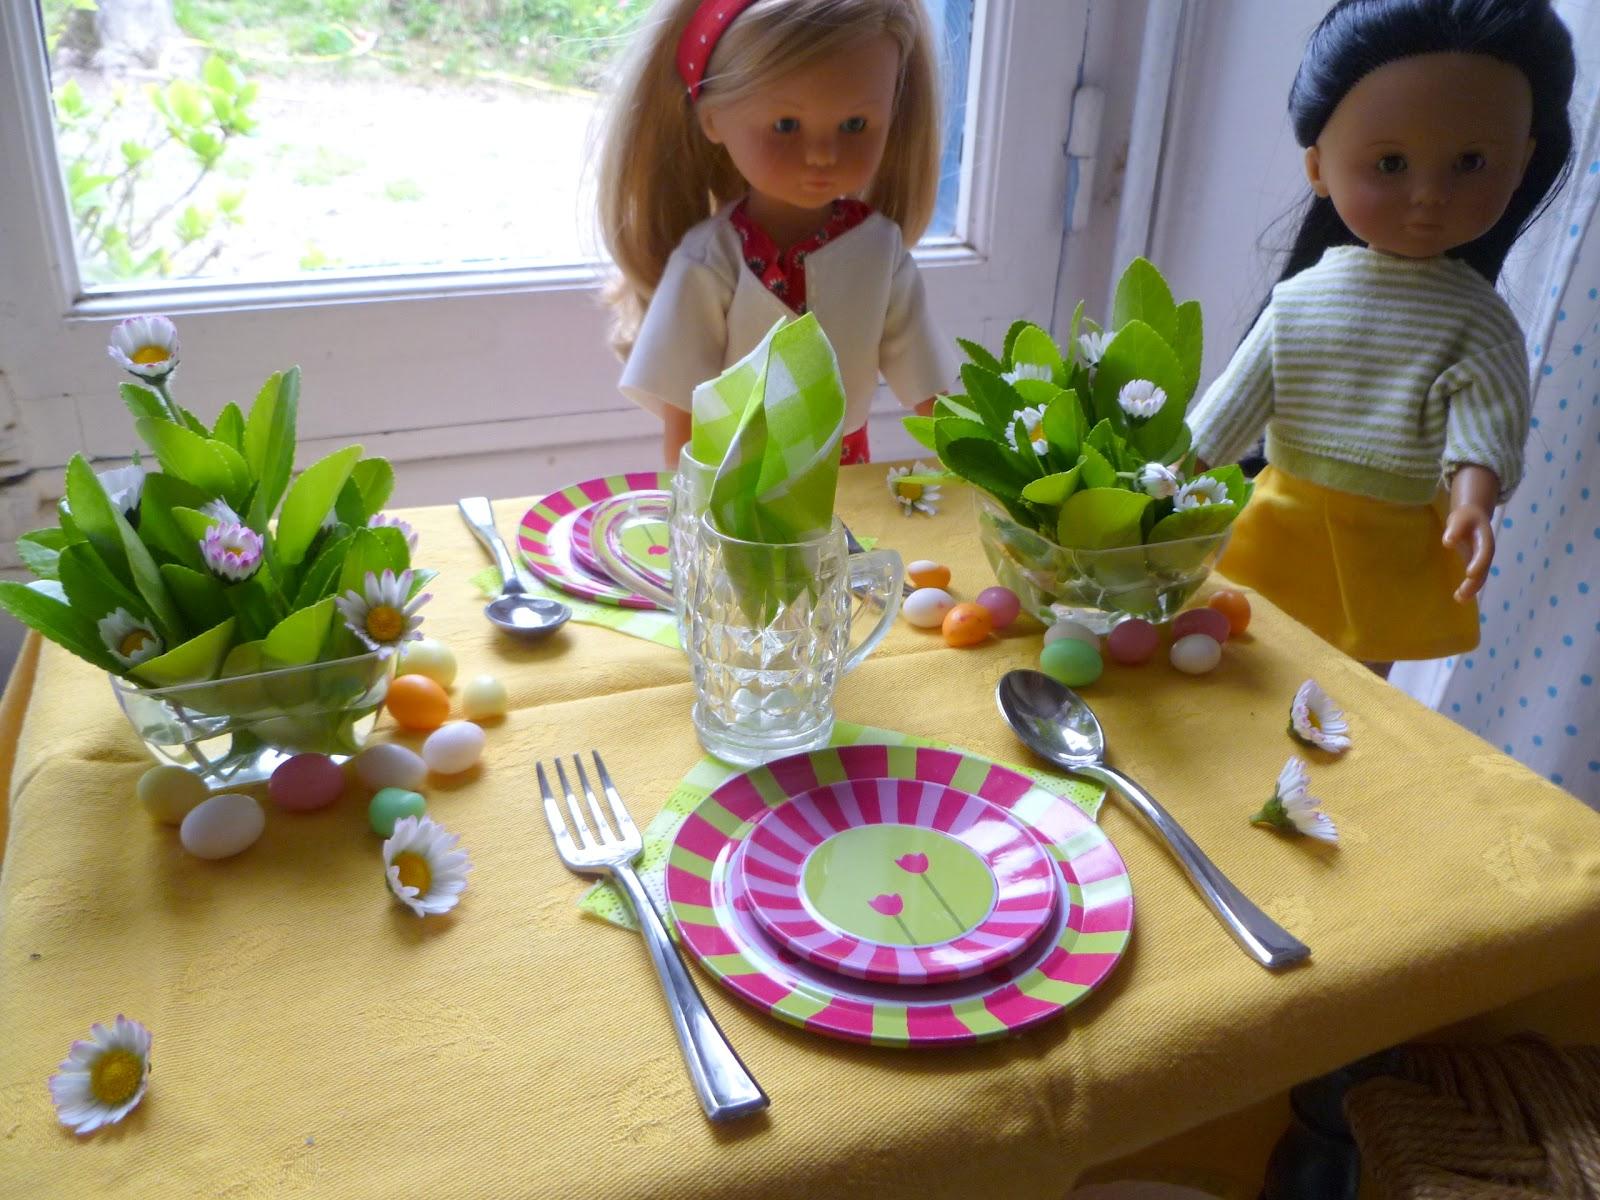 Les ch ries de sidonie la table de p ques - Faire une belle table ...